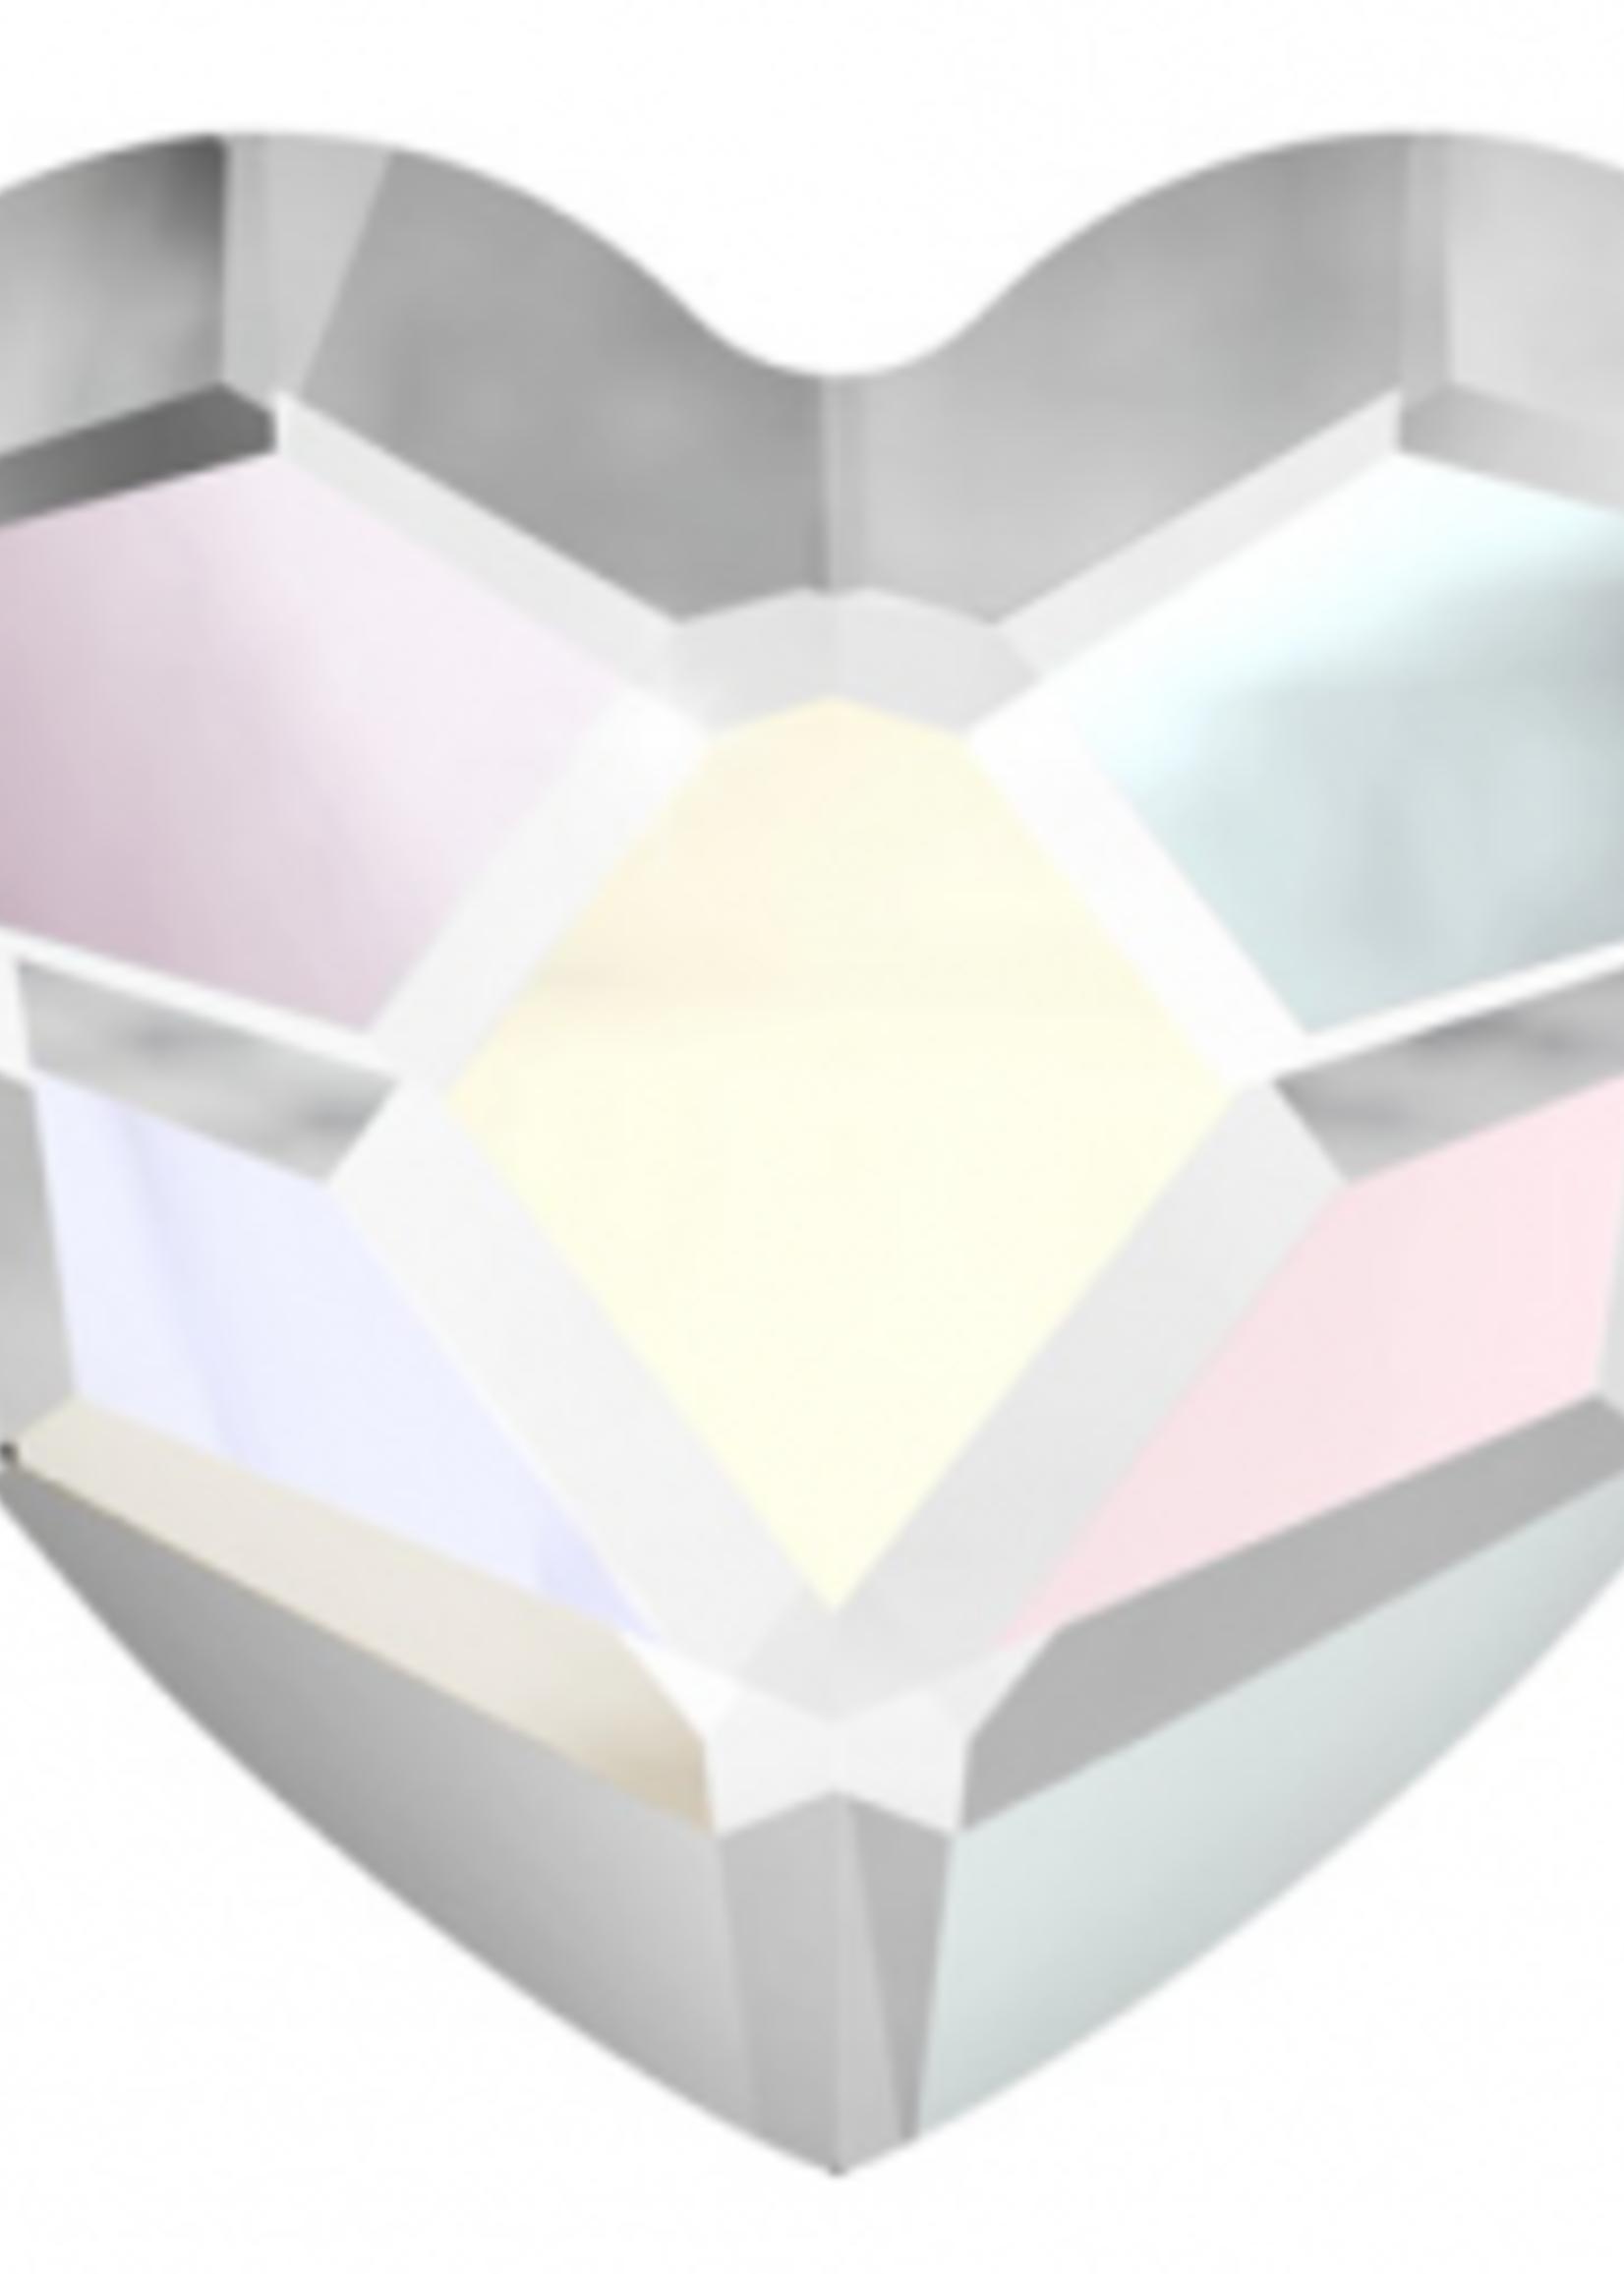 Swarovski Swarovski Crystal Heart AB 6.0 mm